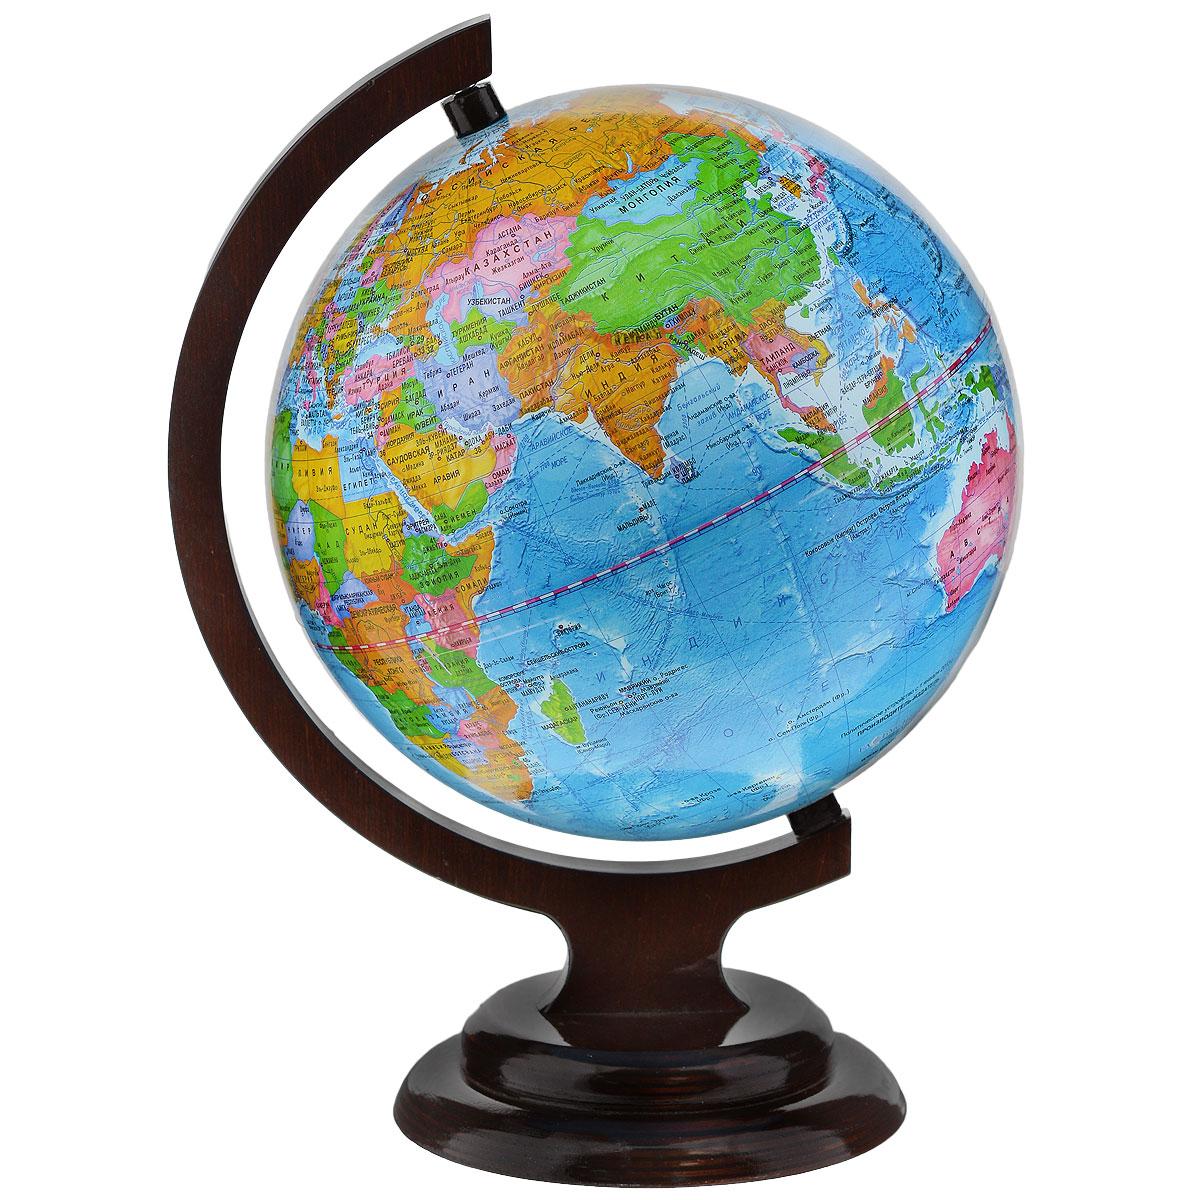 Глобусный мир Глобус с политической картой мира, диаметр 21 см10024Глобус с политической картой мира Глобусный мир, изготовленный из высококачественного прочного пластика, показывает страны мира, сухопутные и морские границы того или иного государства, расположение городов и населенных пунктов. Изделие расположено на красивой деревянной подставке, что придает этой модели подарочный вид. На нем отображены картографические линии: параллели и меридианы, а также градусы и условные обозначения. Каждая страна обозначена своим цветом. Глобус с политической картой мира станет незаменимым атрибутом обучения не только школьника, но и студента. Названия стран на глобусе приведены на русской язык. Настольный глобус Глобусный мир станет оригинальным украшением рабочего стола или вашего кабинета. Это изысканная вещь для стильного интерьера, которая станет прекрасным подарком для современного преуспевающего человека, следующего последним тенденциям моды и стремящегося к элегантности и комфорту в каждой детали. Масштаб: 1:60 000 000.